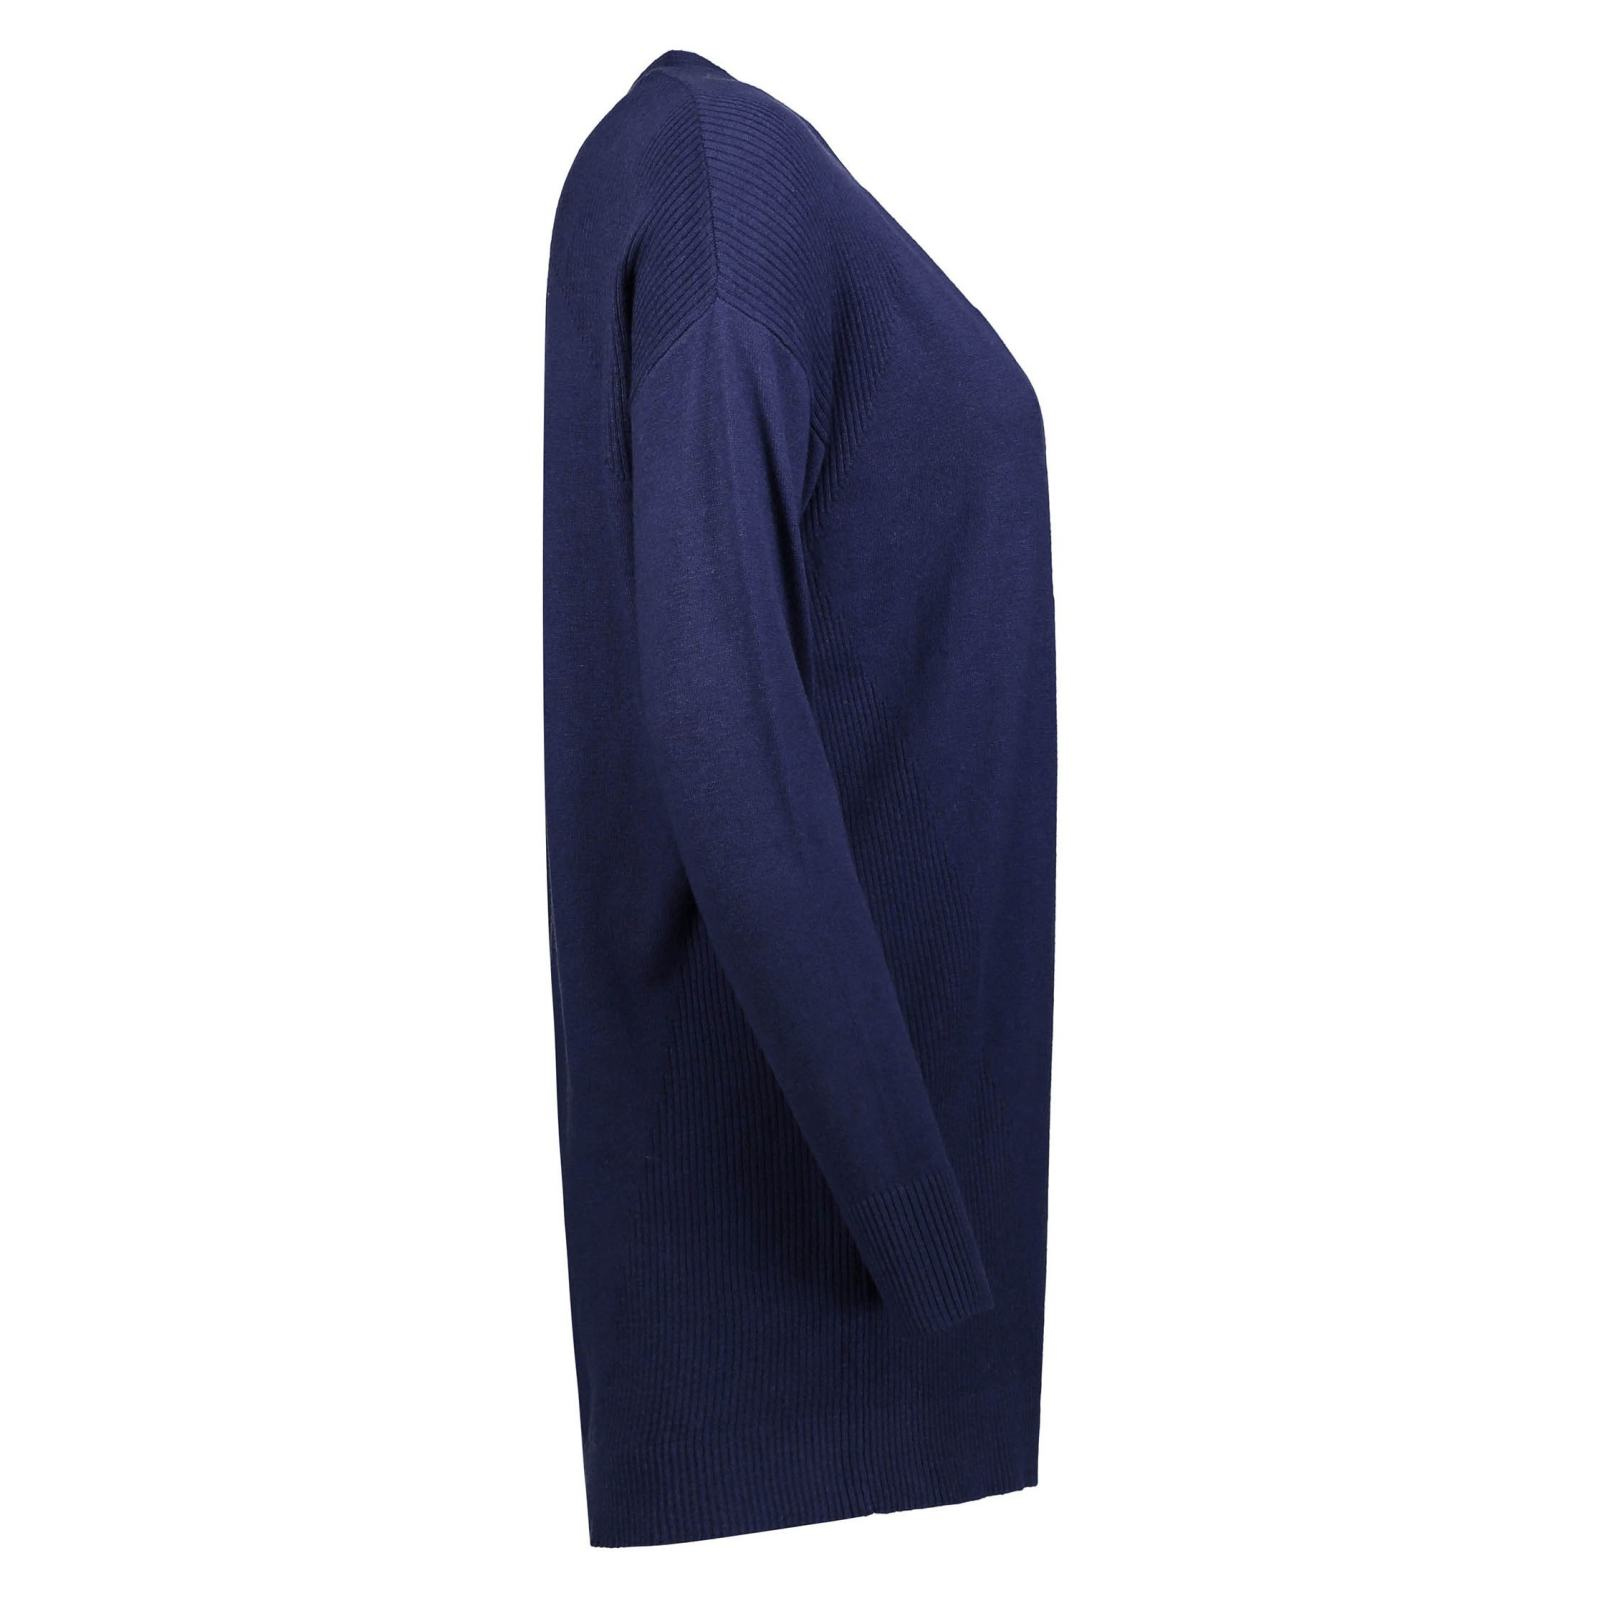 ژاکت بلند زنانه - رد هرینگ - سرمه اي - 3